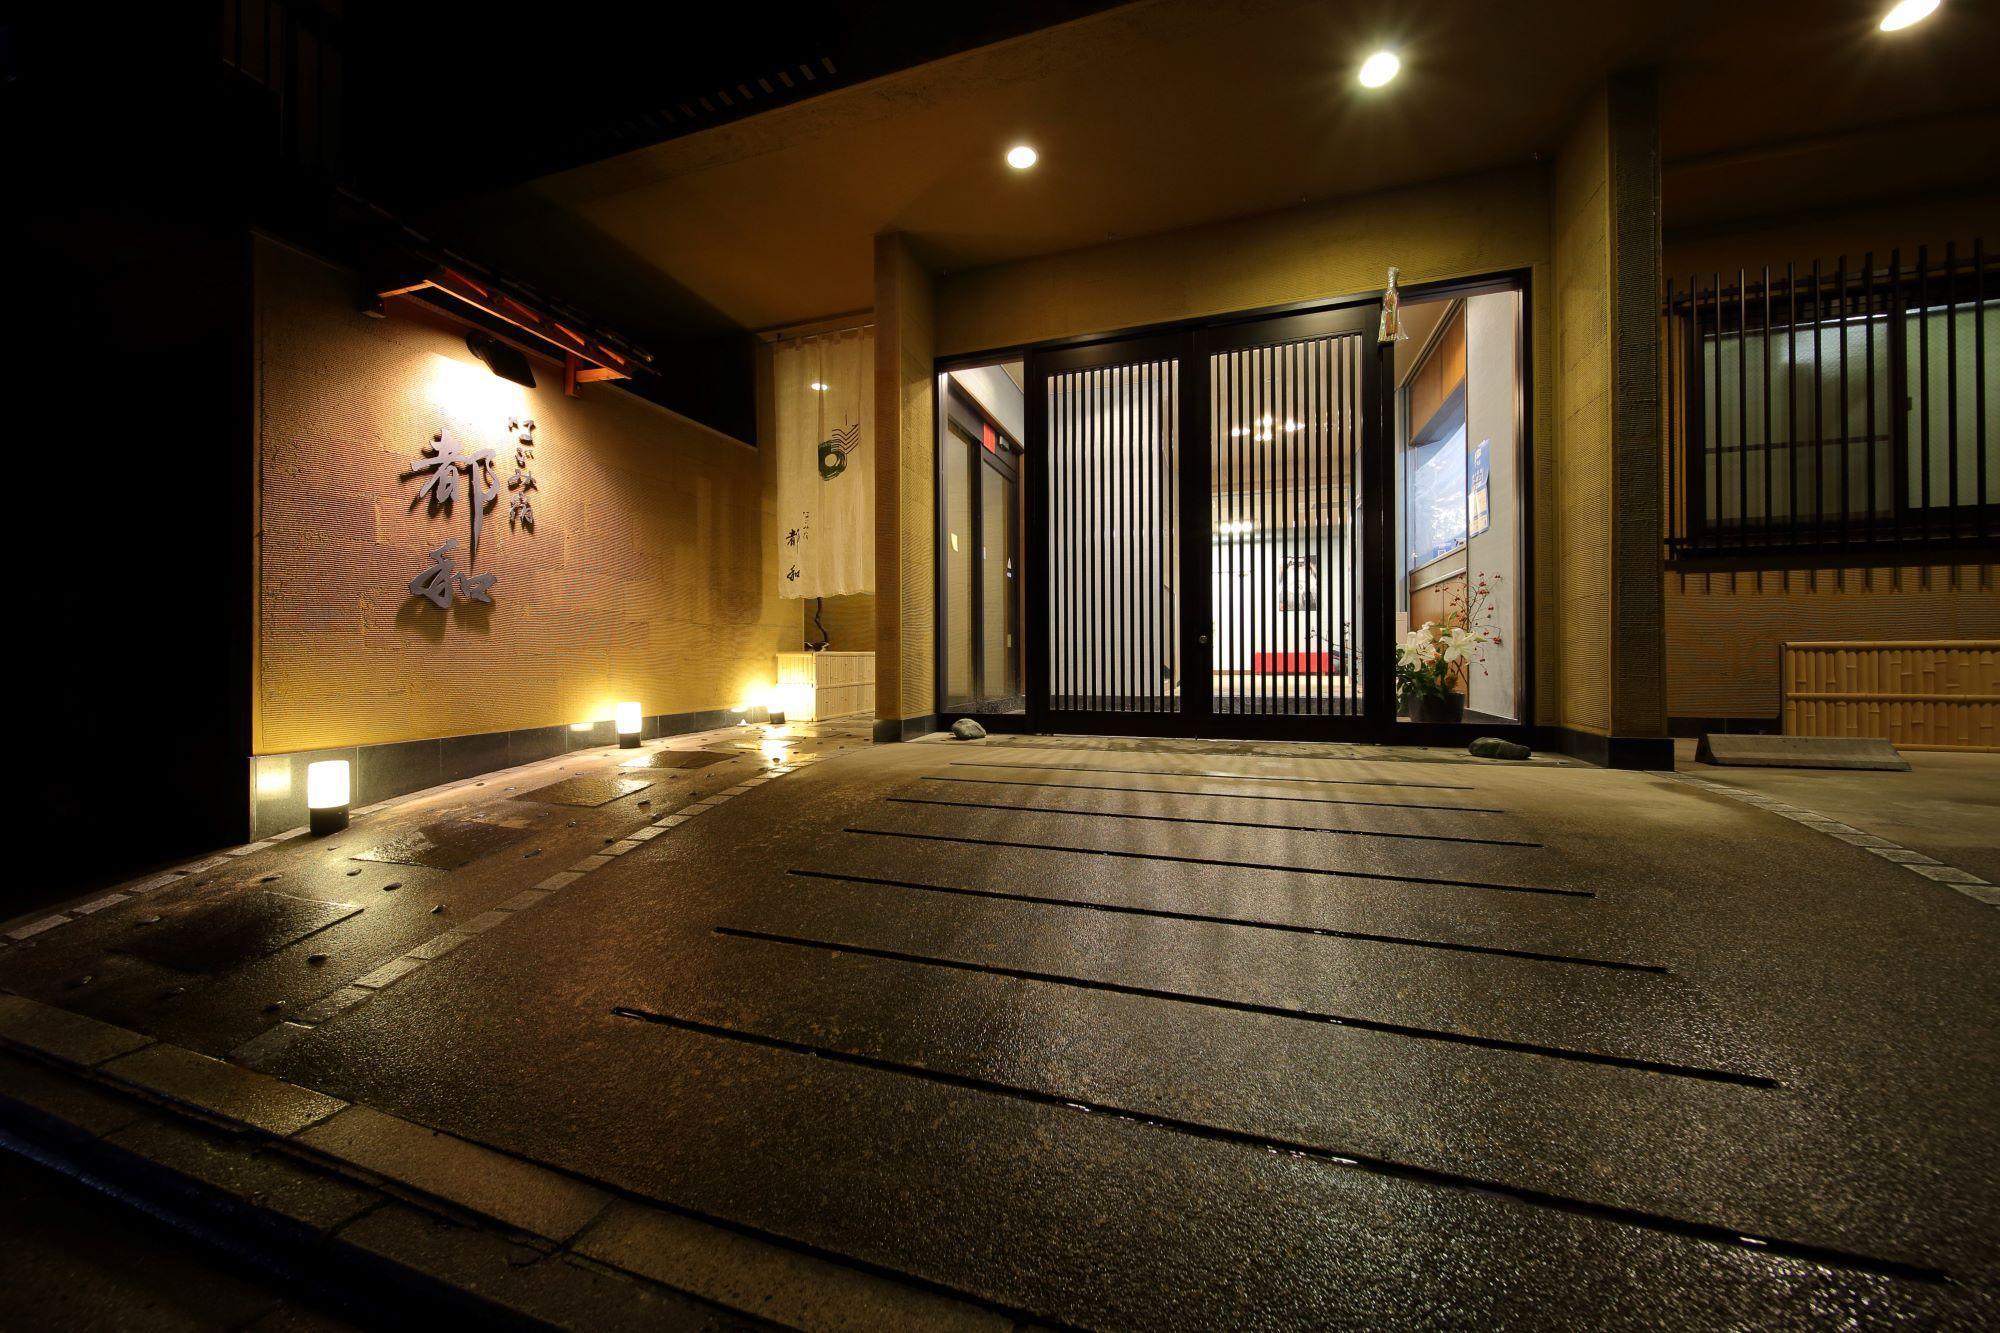 なごみ宿都和(旧:観光旅館 太田新館)